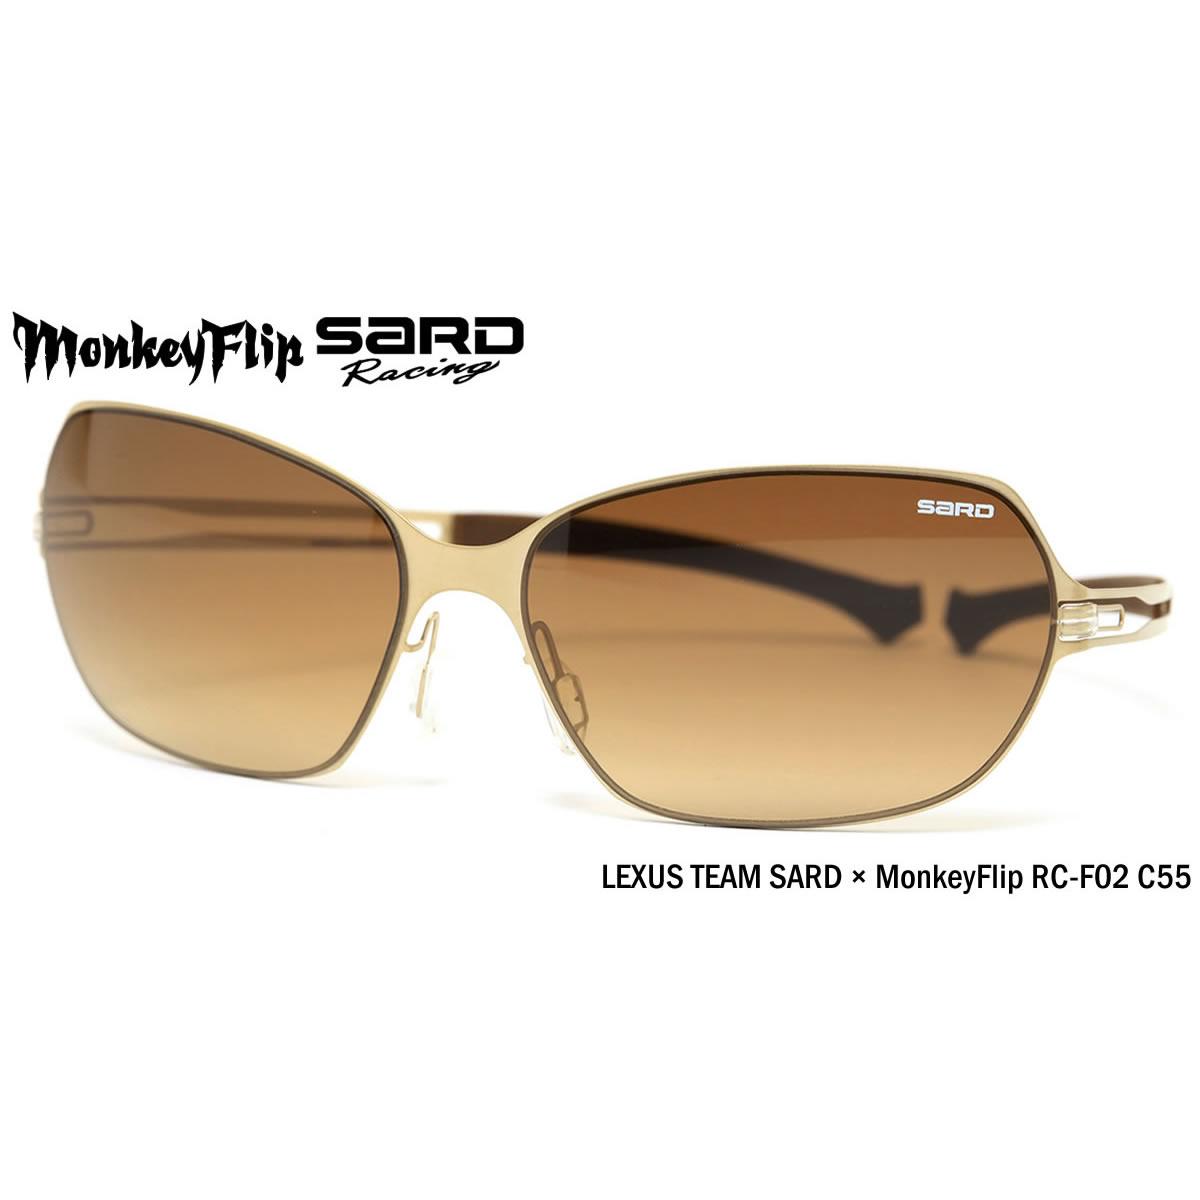 モンキーフリップ インターネット独占販売 RC-F02 C55 62 LEXUS TEAM SARD レクサスチームサード × Monkey Flip モンキーフリップ サングラス メンズ レディース